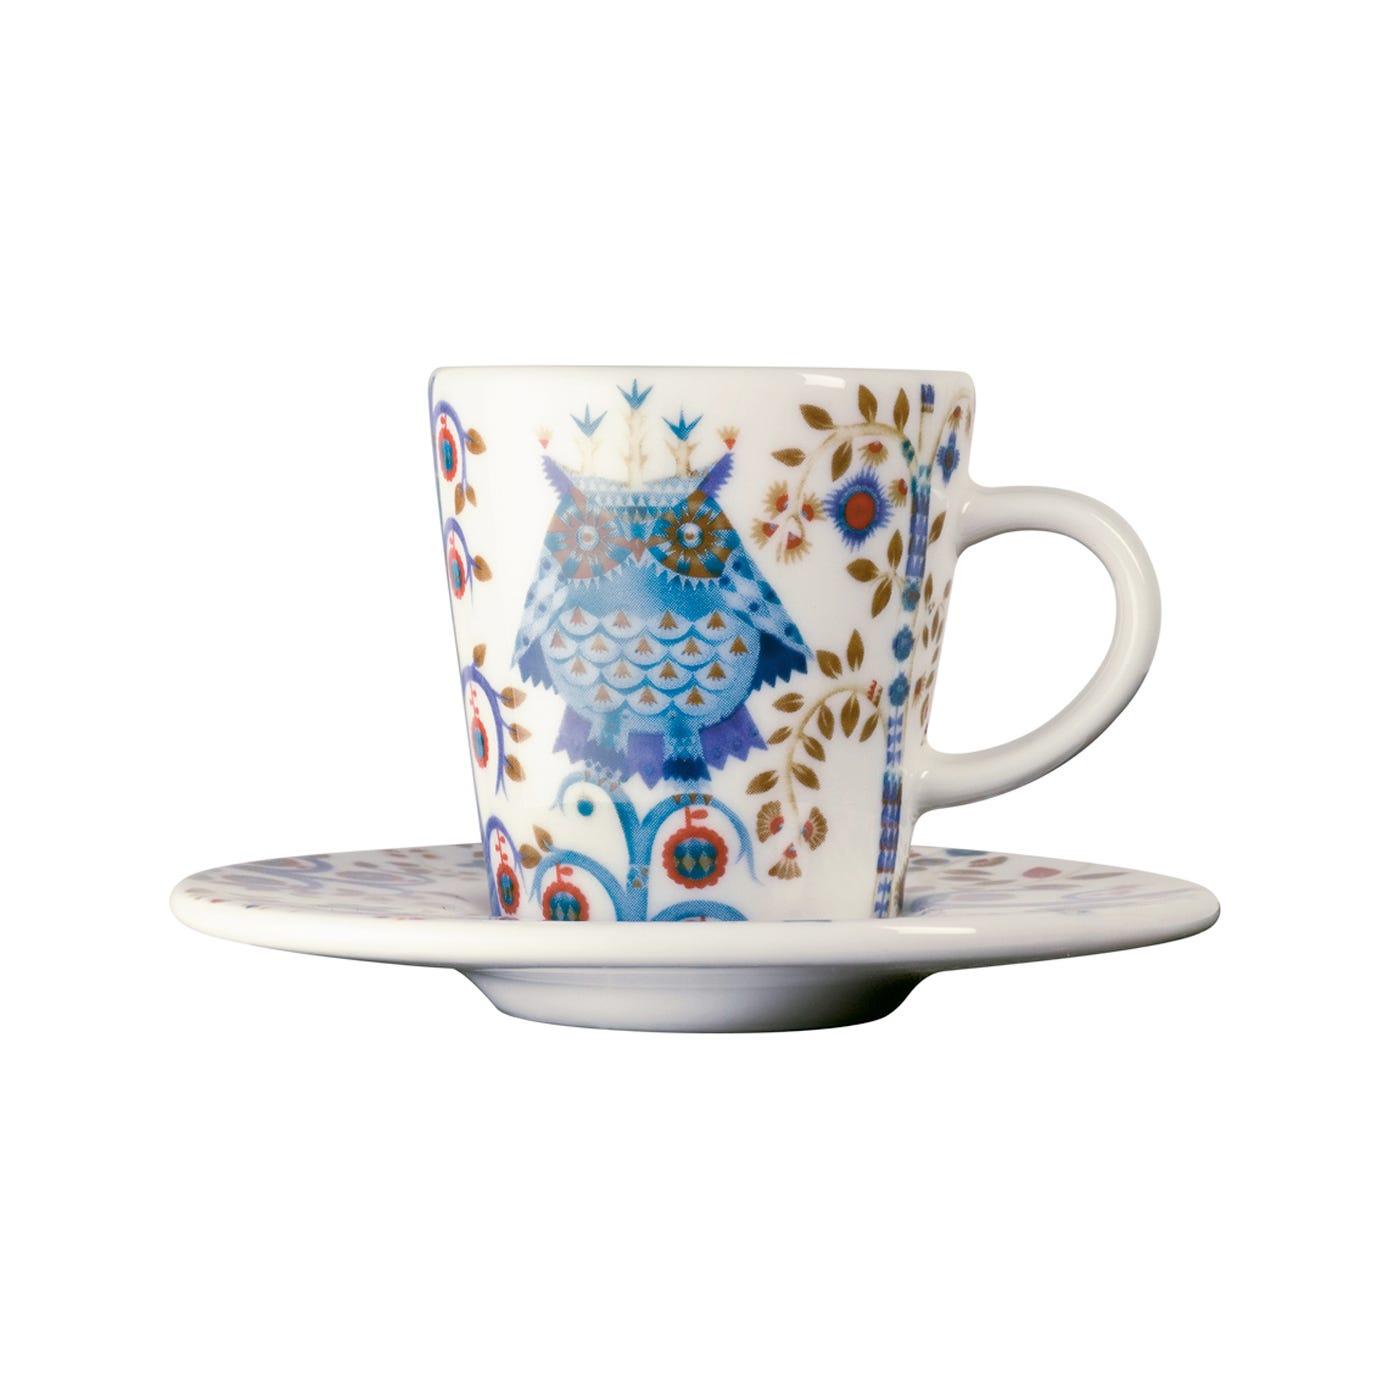 Taika White Espresso Cup